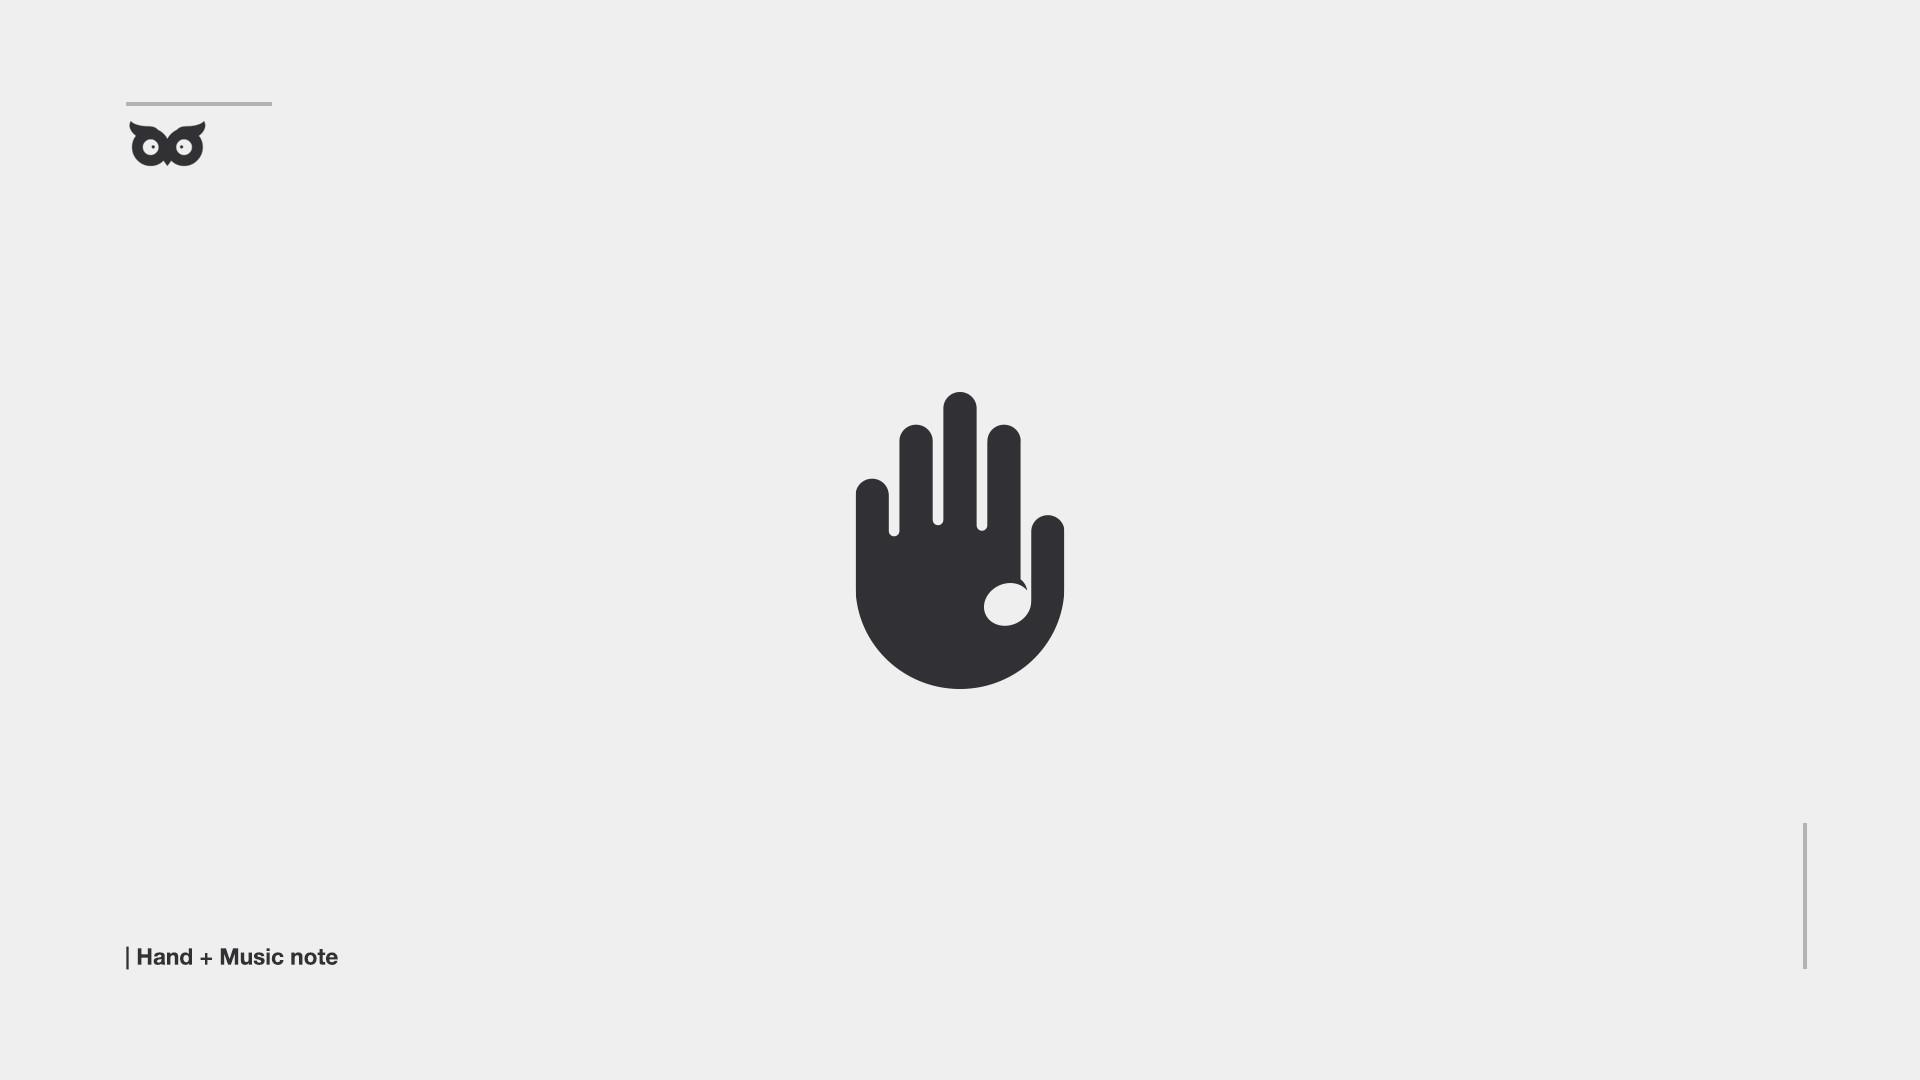 Symboles-Collection-WOOPStudio-7.jpg